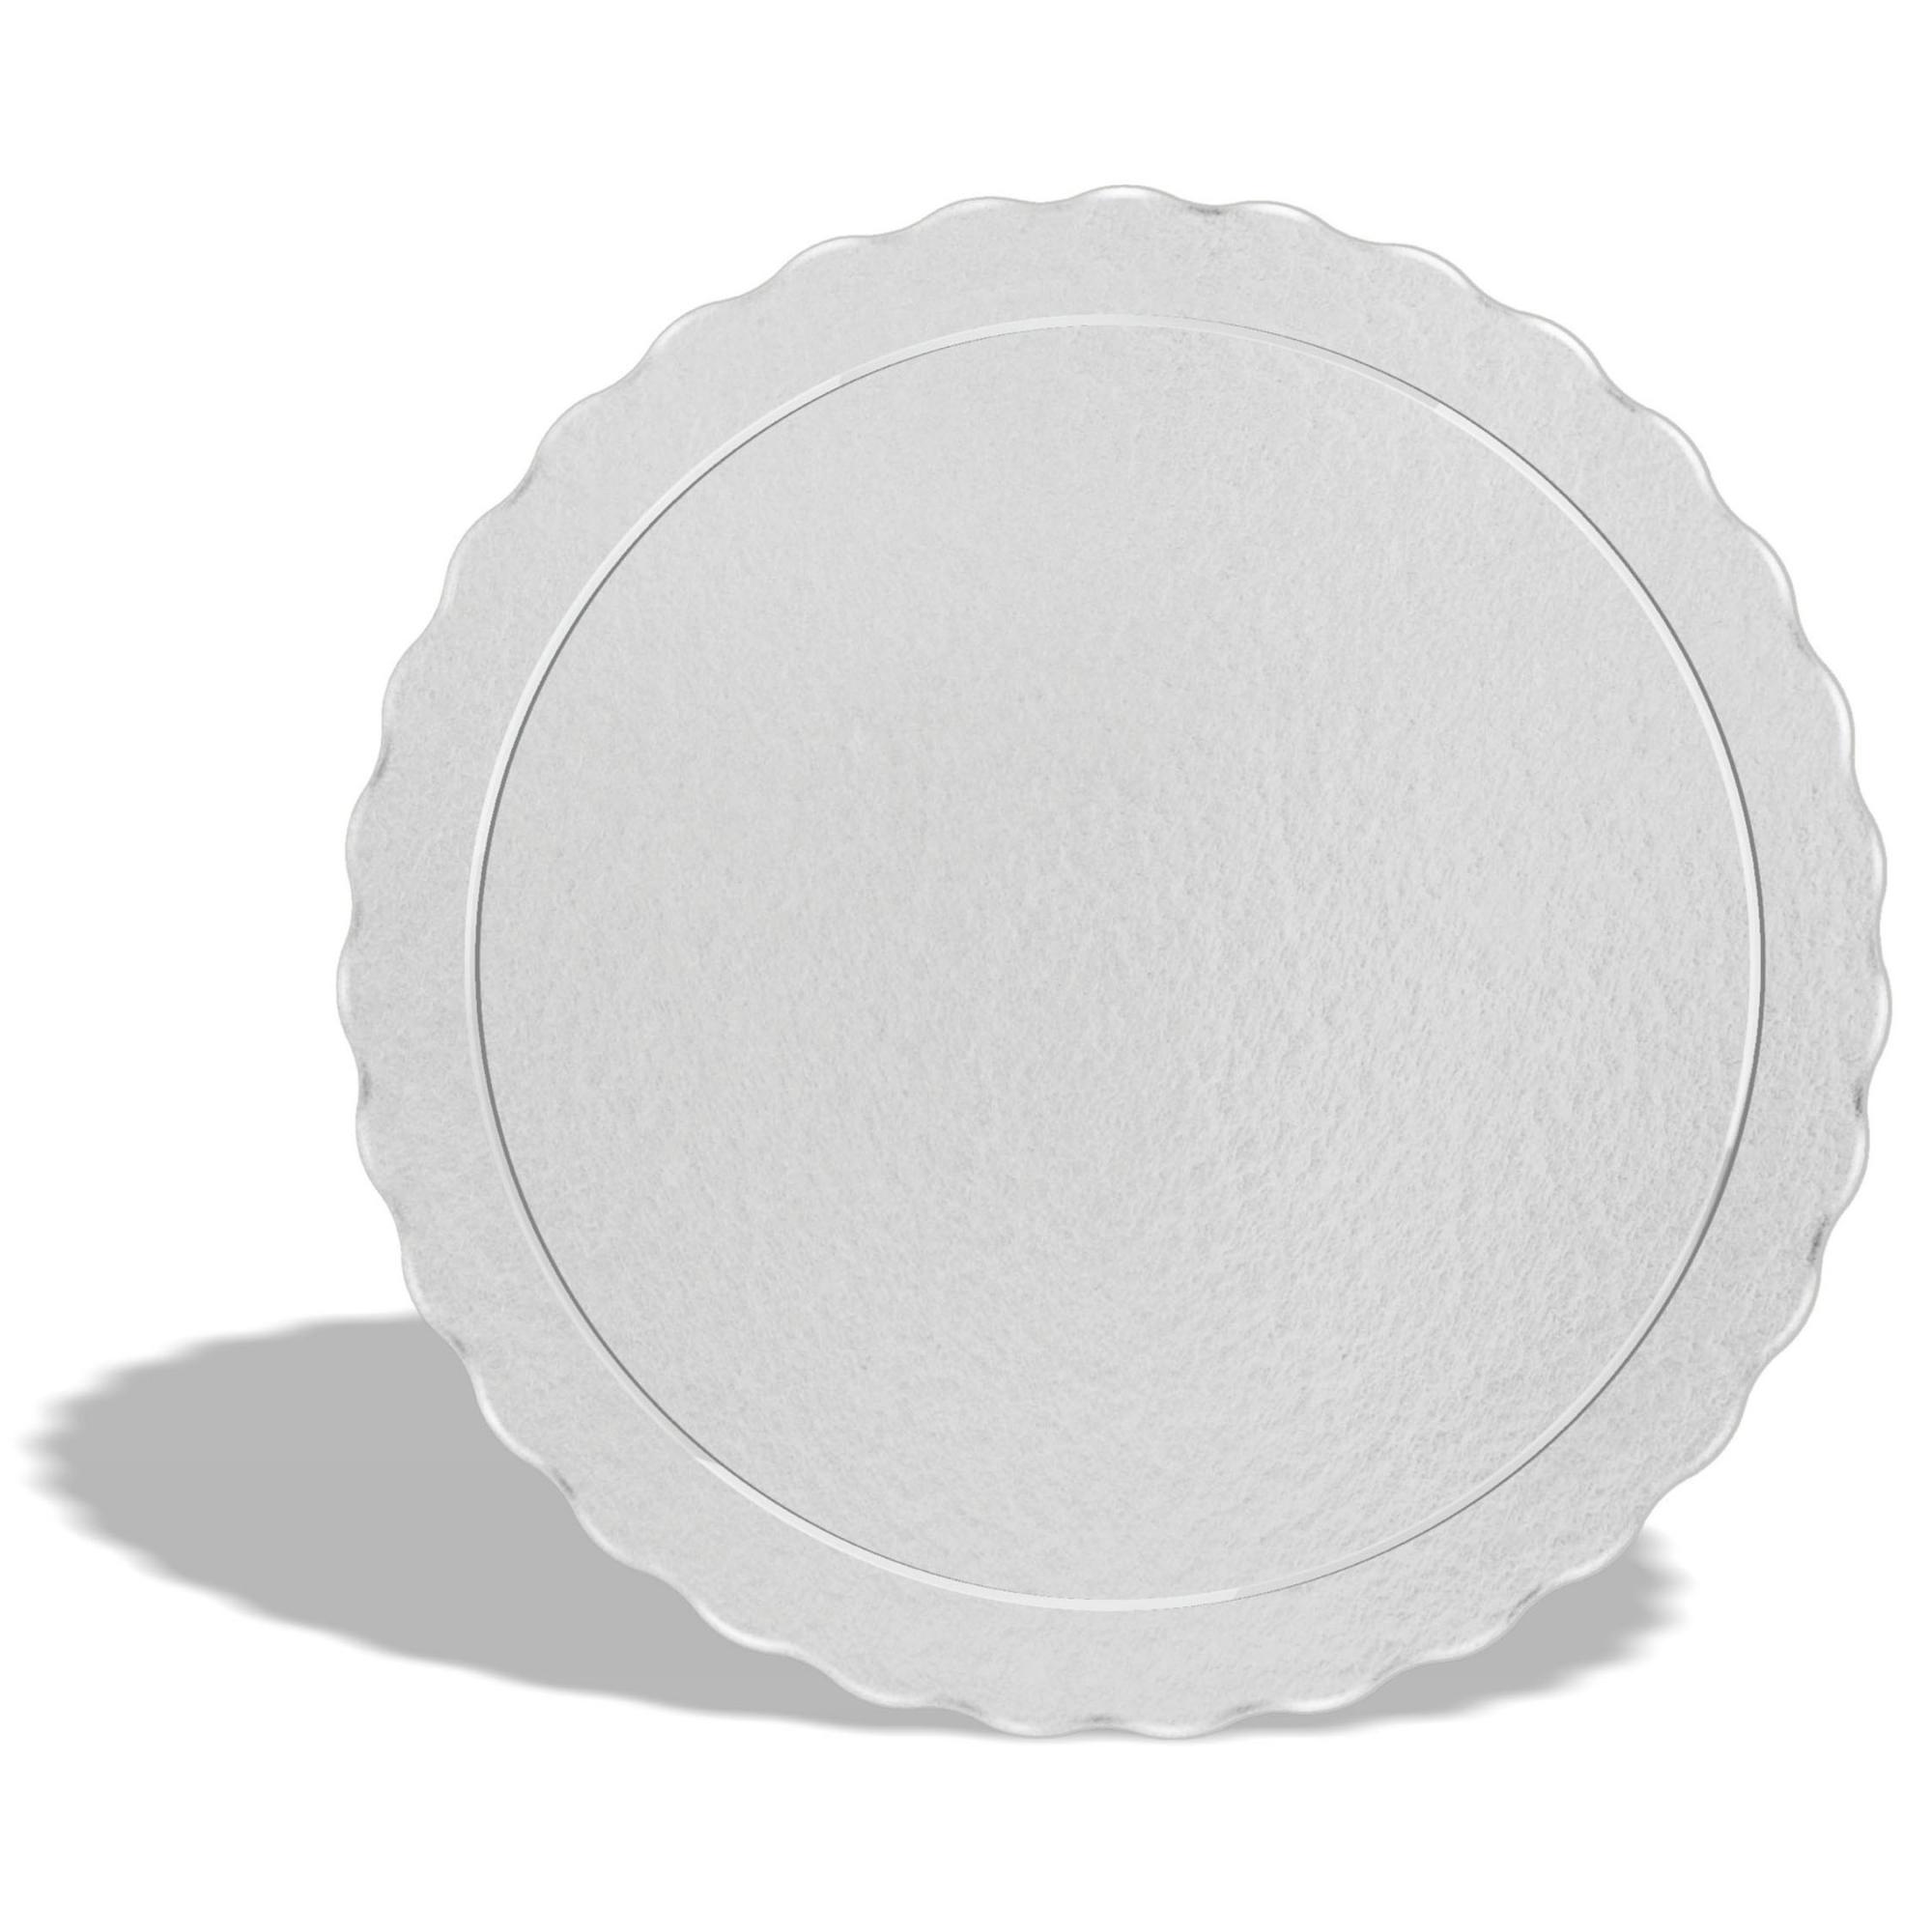 50 Bases Laminadas Para Bolo Redondo, Cake Board 35cm - Branco